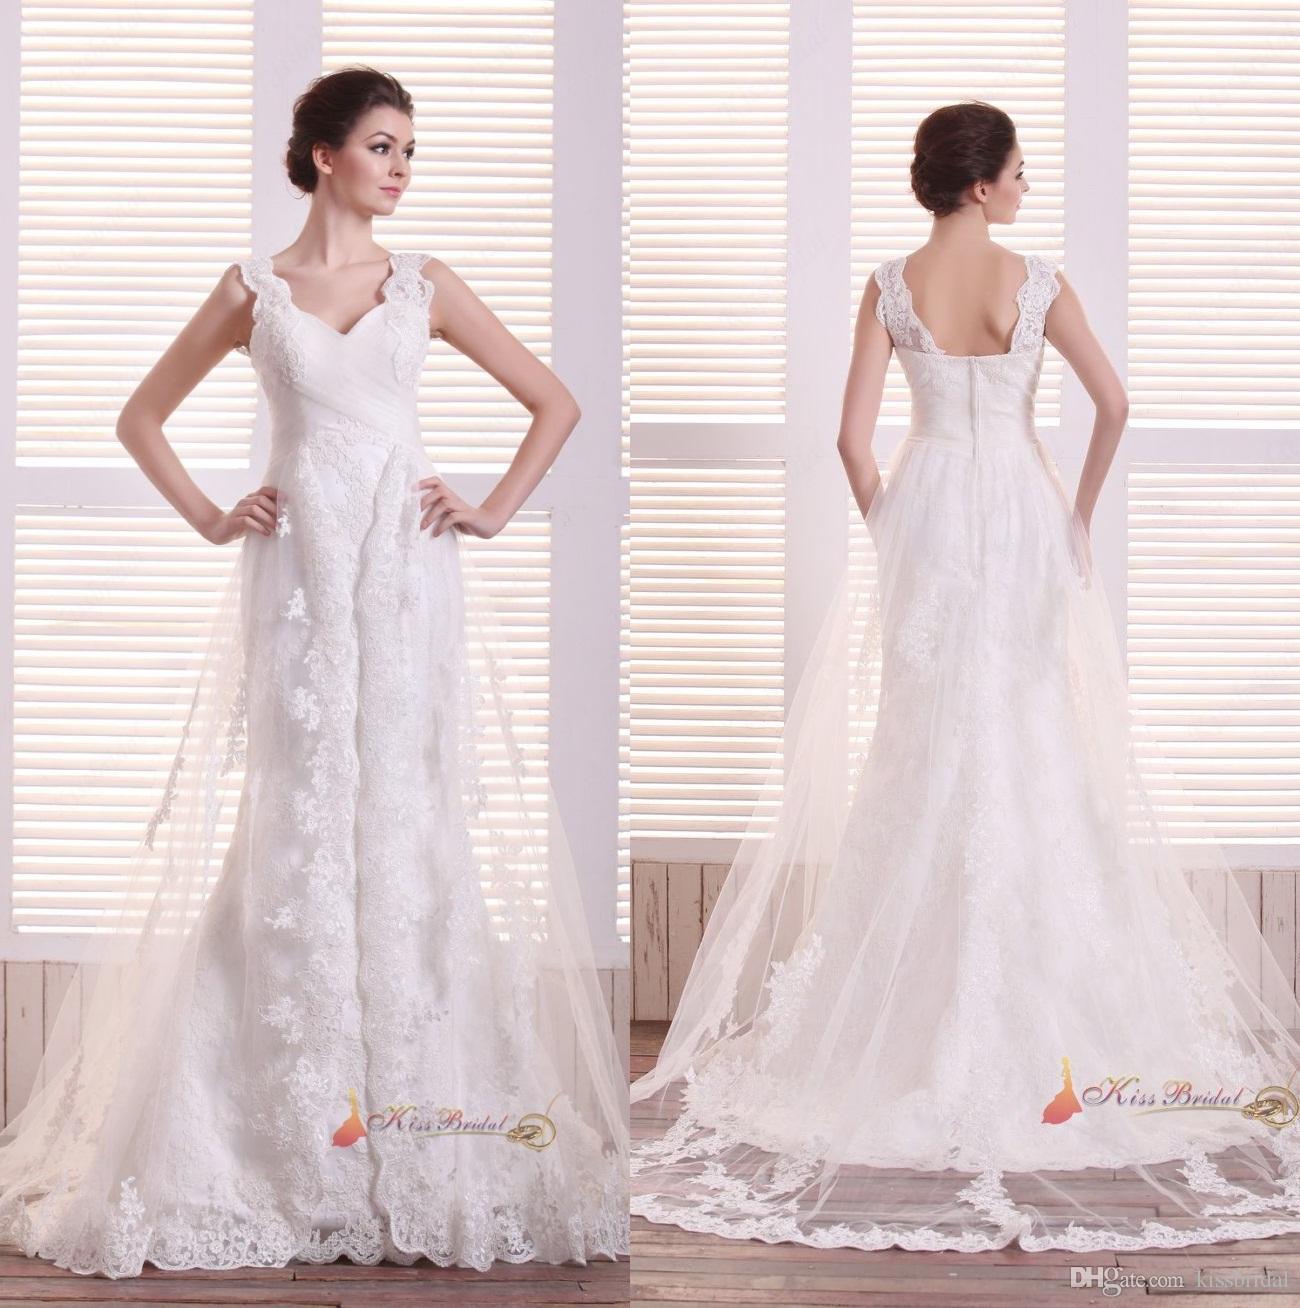 robe de mari e photos des robes de mariage de concepteur